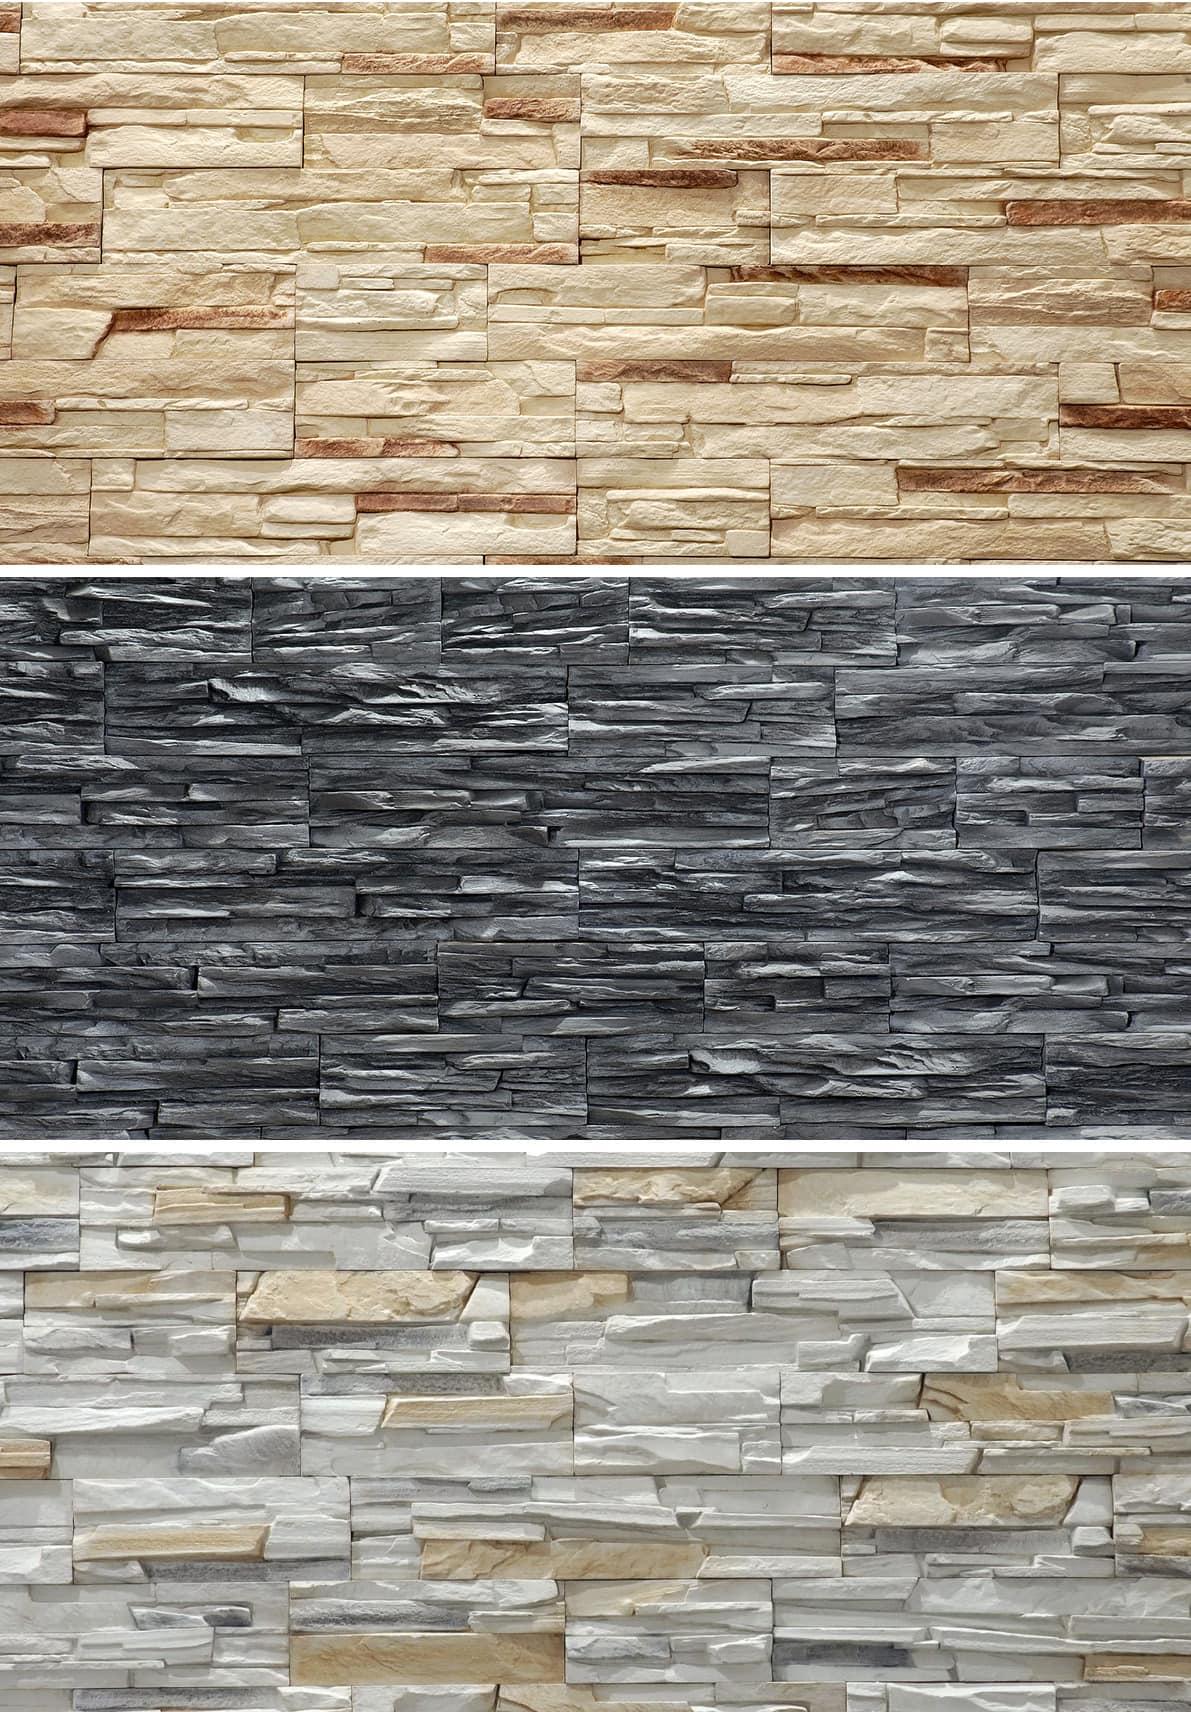 Насыщенный яркий цвет и богатая фактура фасадного камня завоевала огромную популярность среди ценителей оригинальных интерьеров